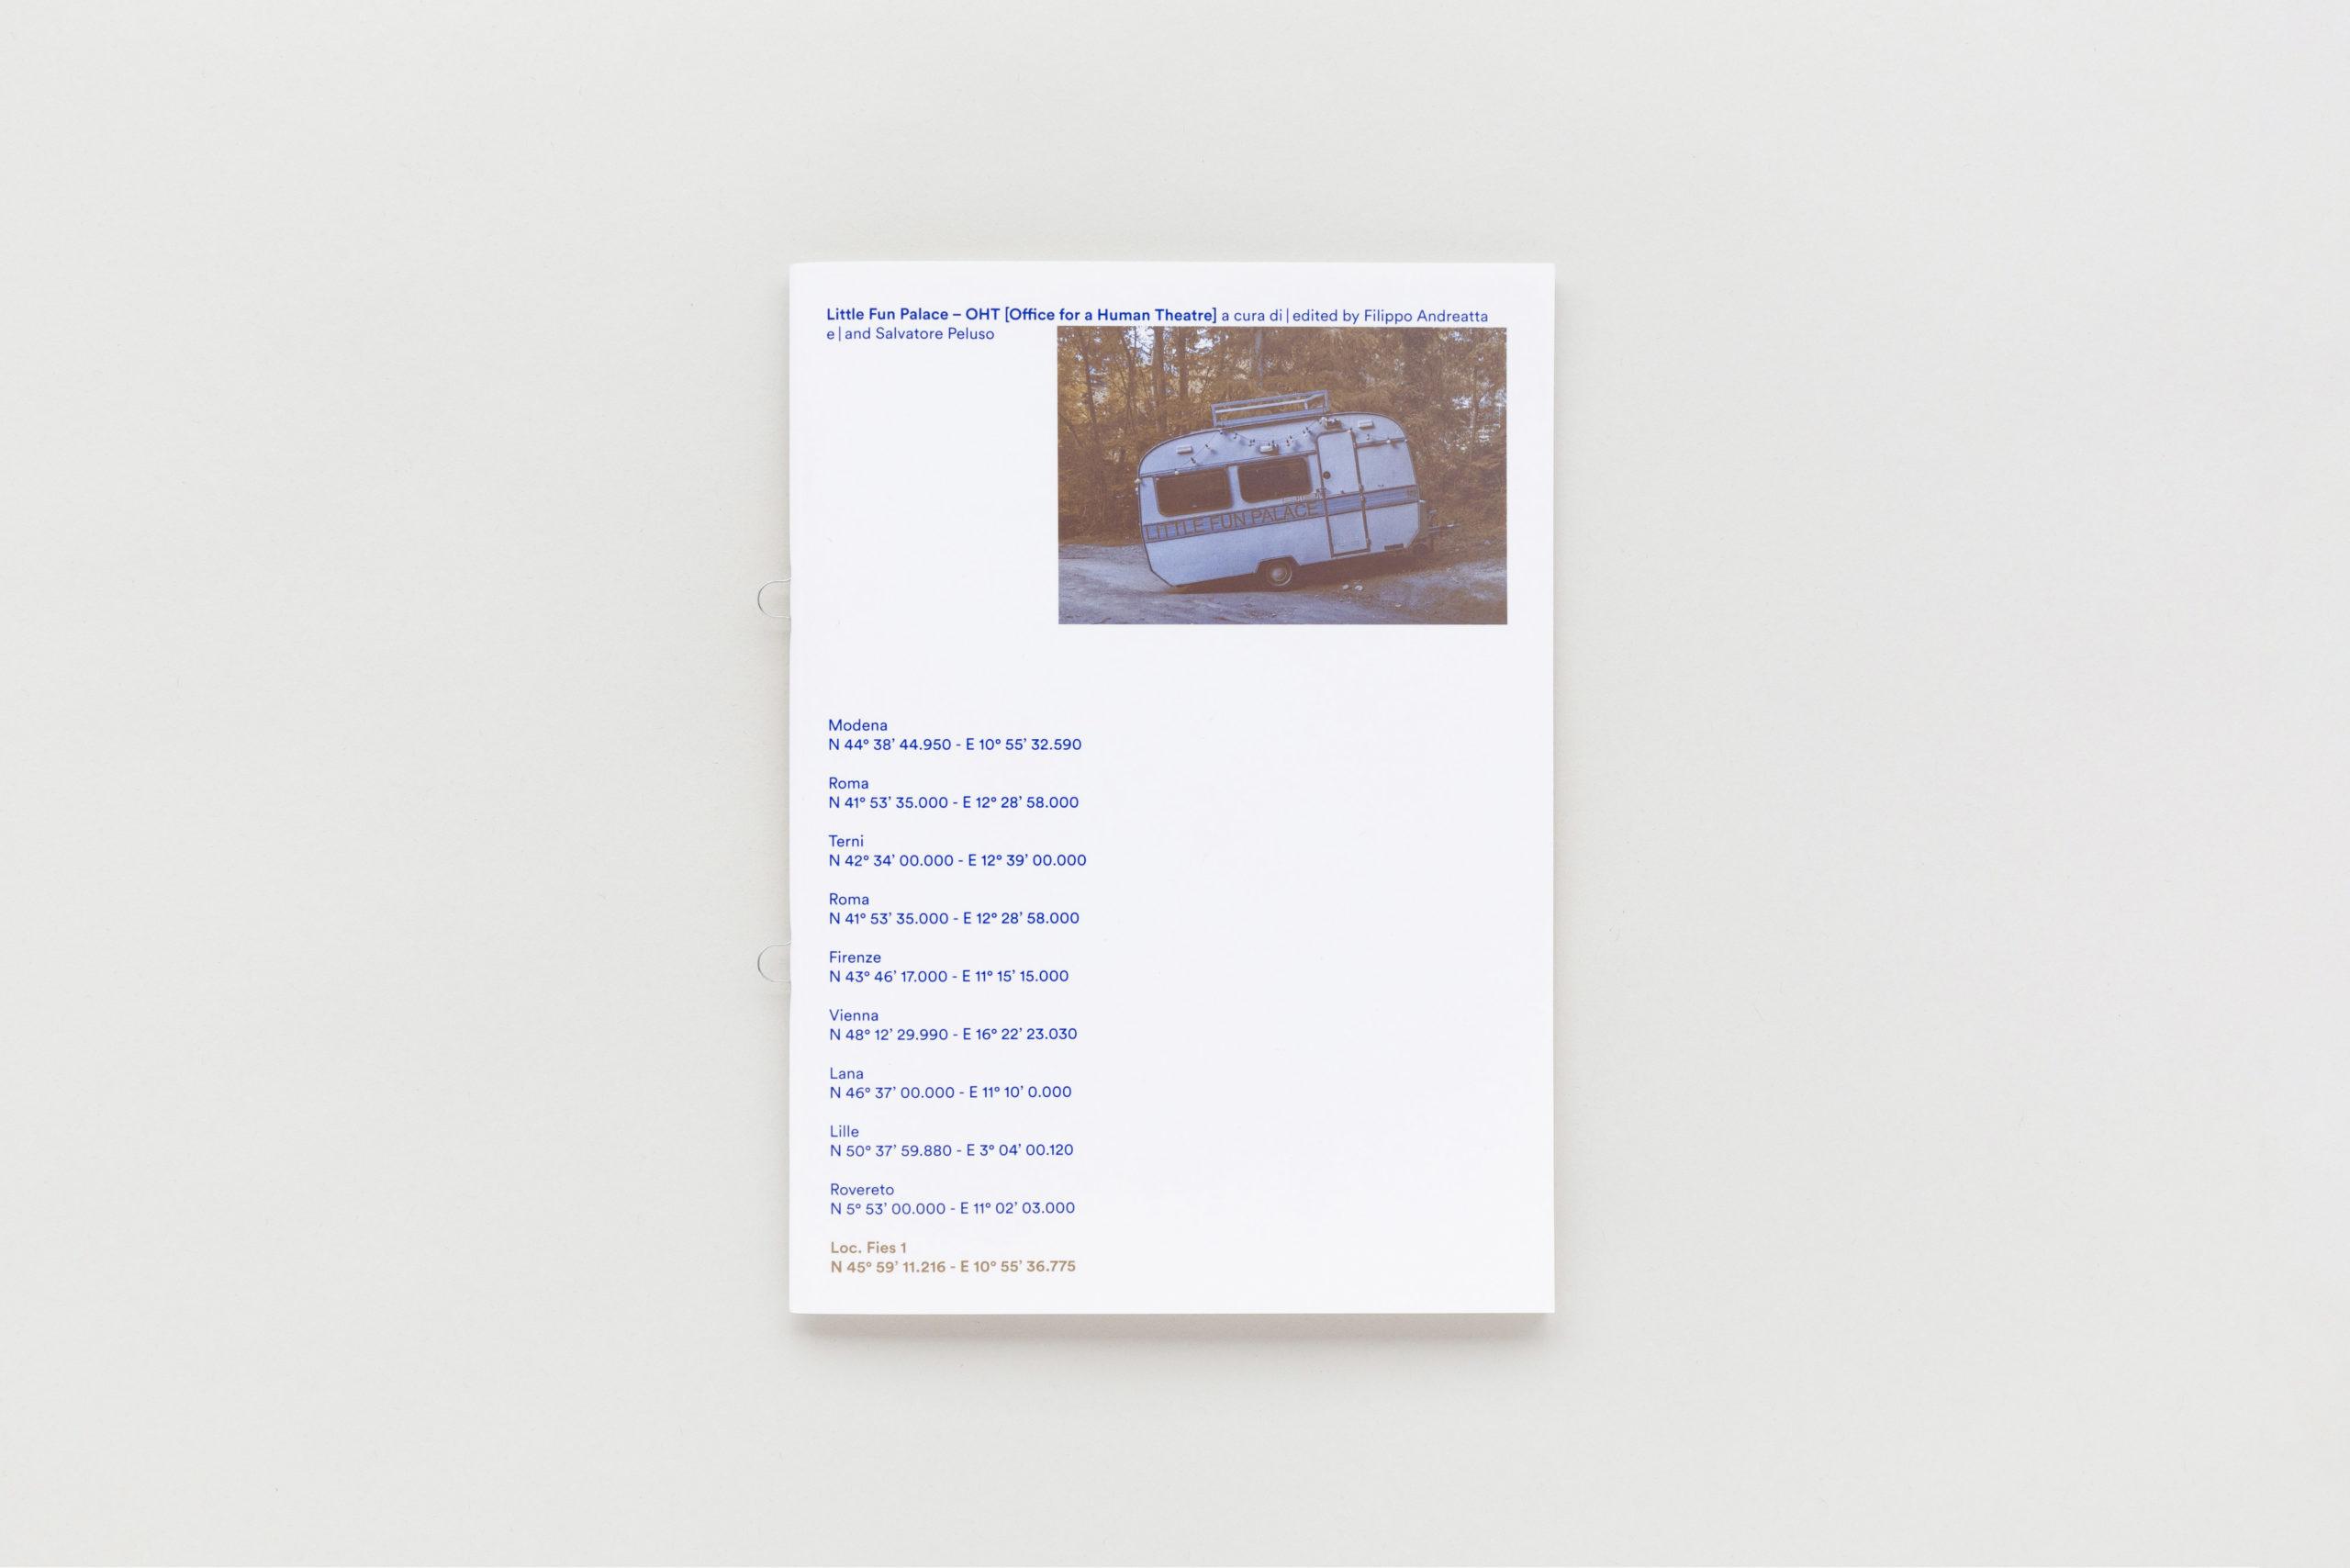 LOC_FIES_3_1